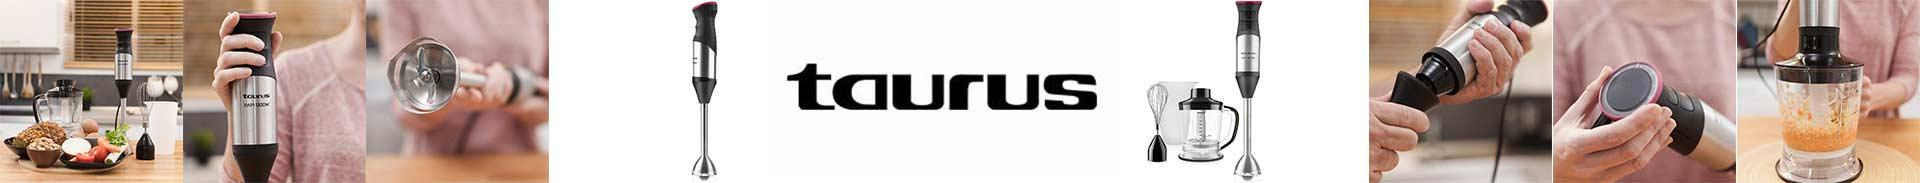 Mejor batidora de mano marca Taurus